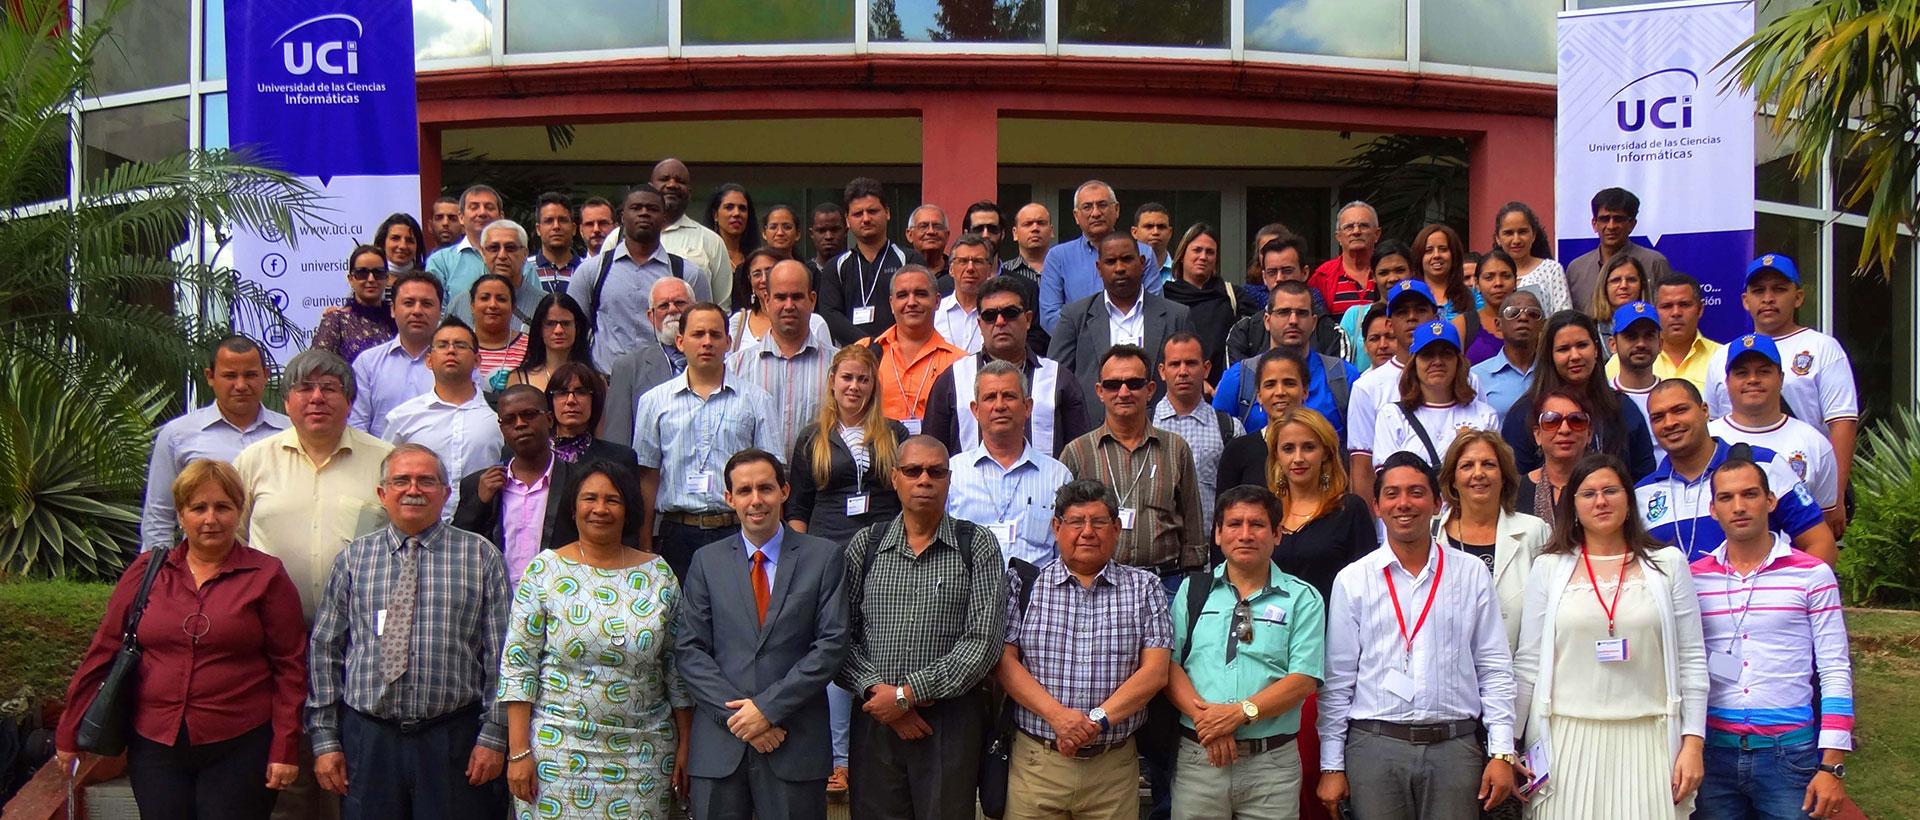 Eventos nacionales e internacionales en la Universidad de las Ciencias Informáticas UCI